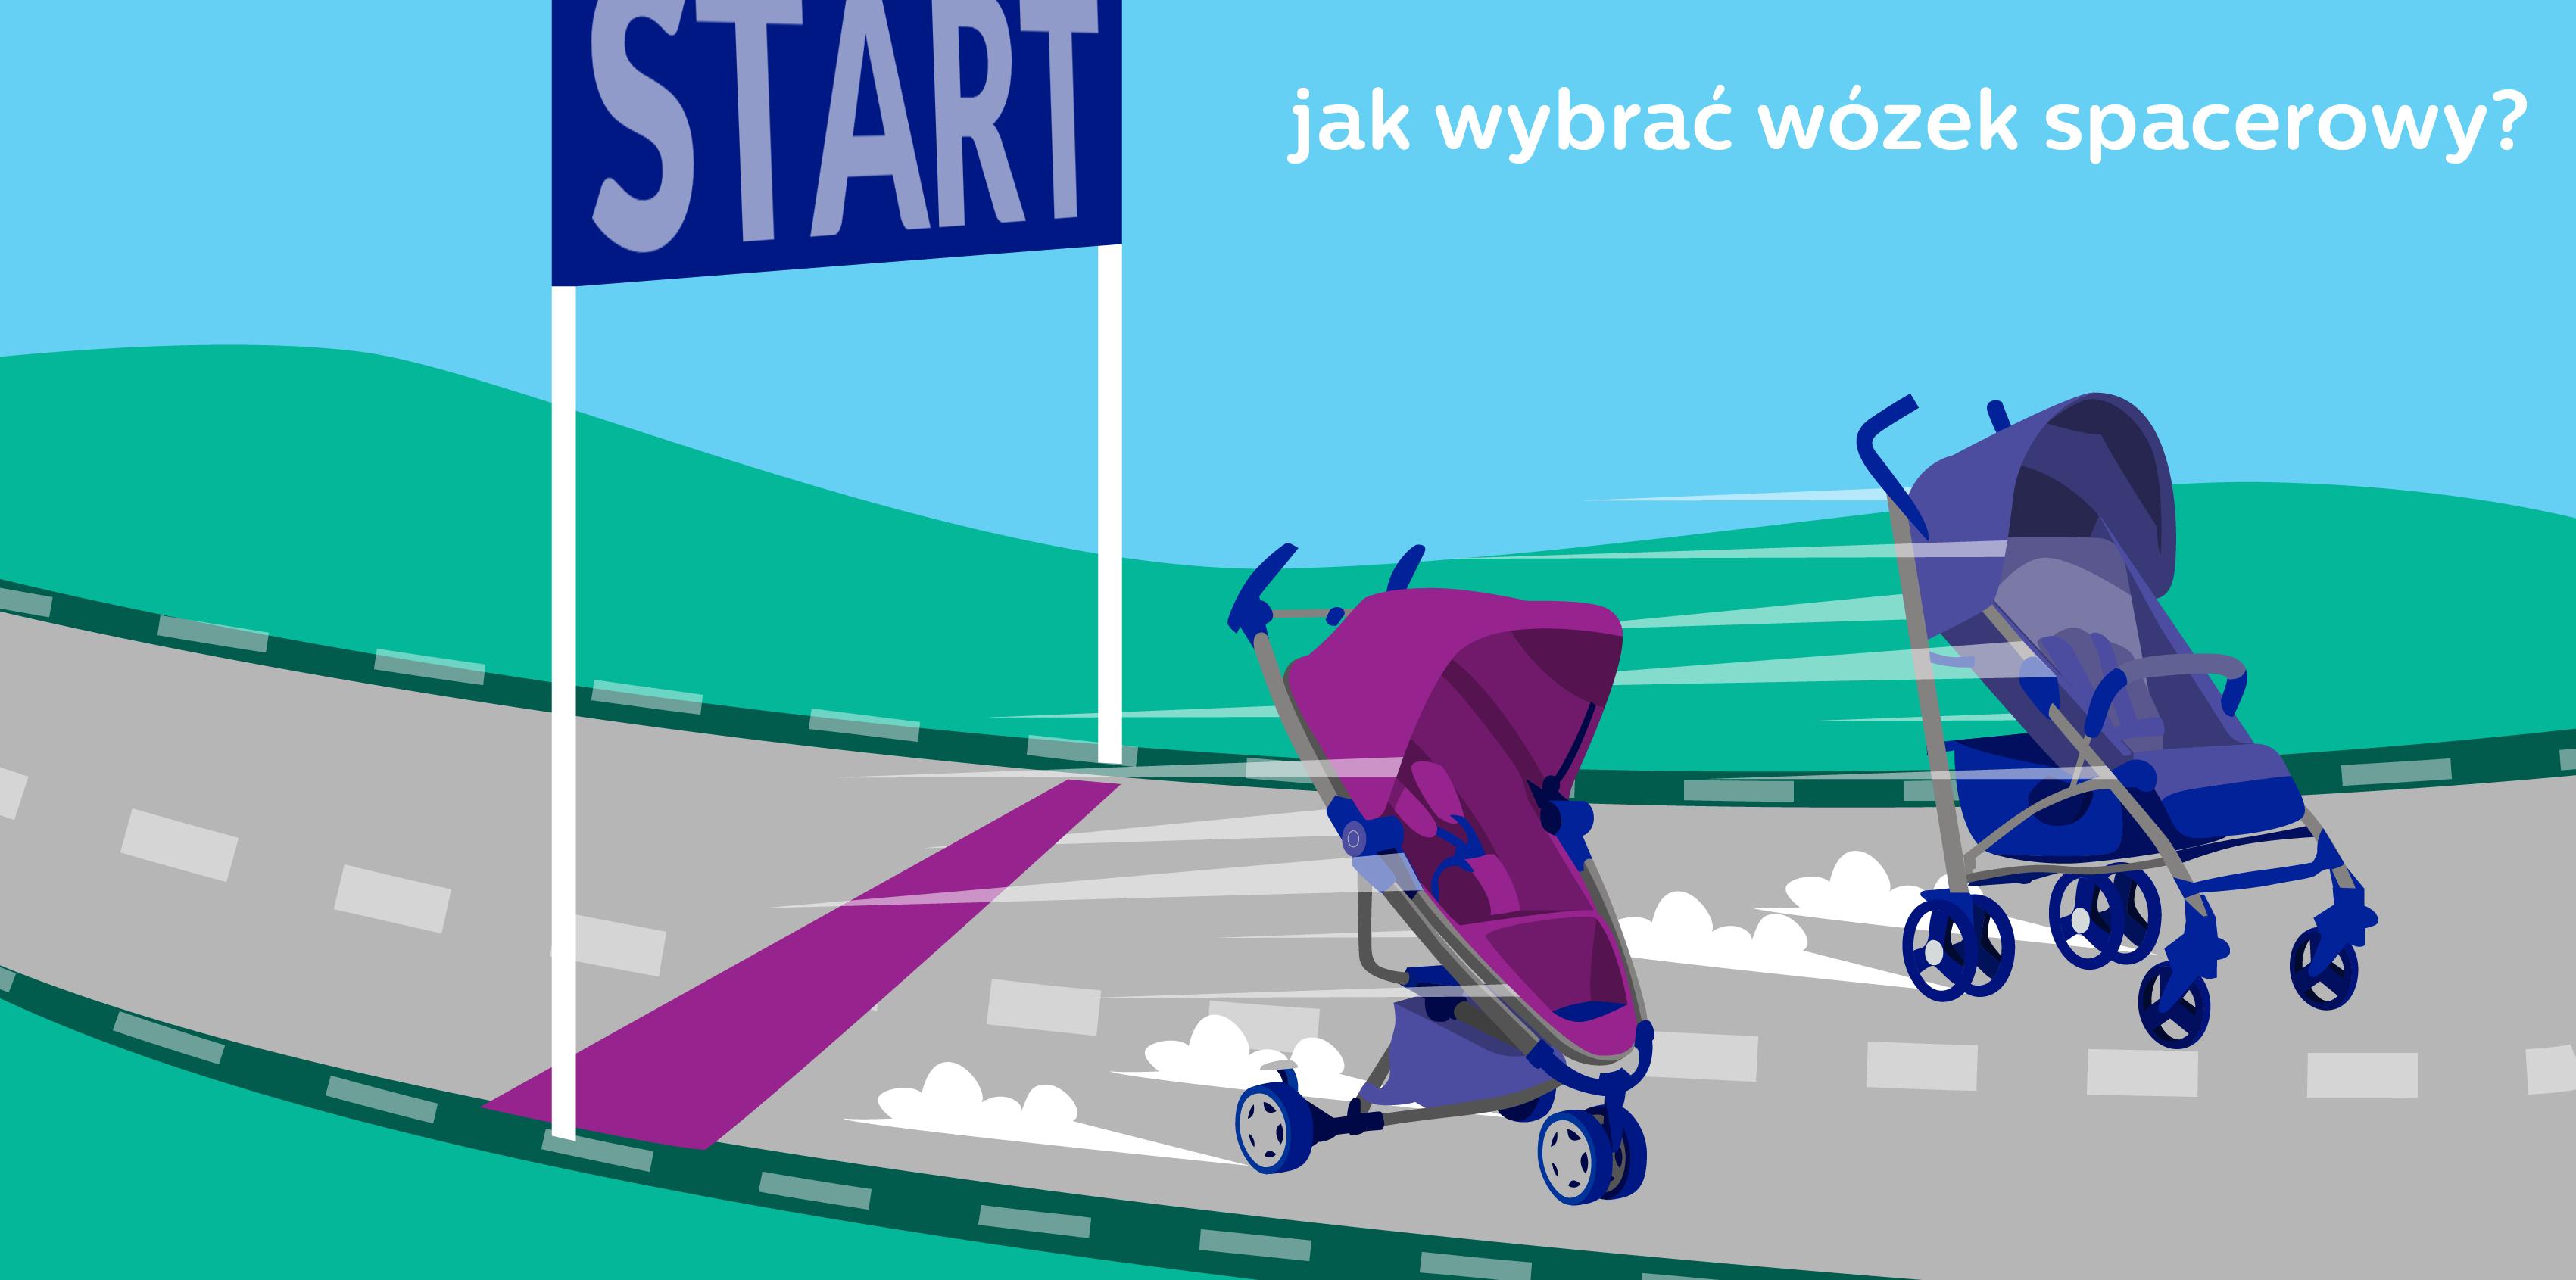 Jaki wózek spacerowy wybrać?